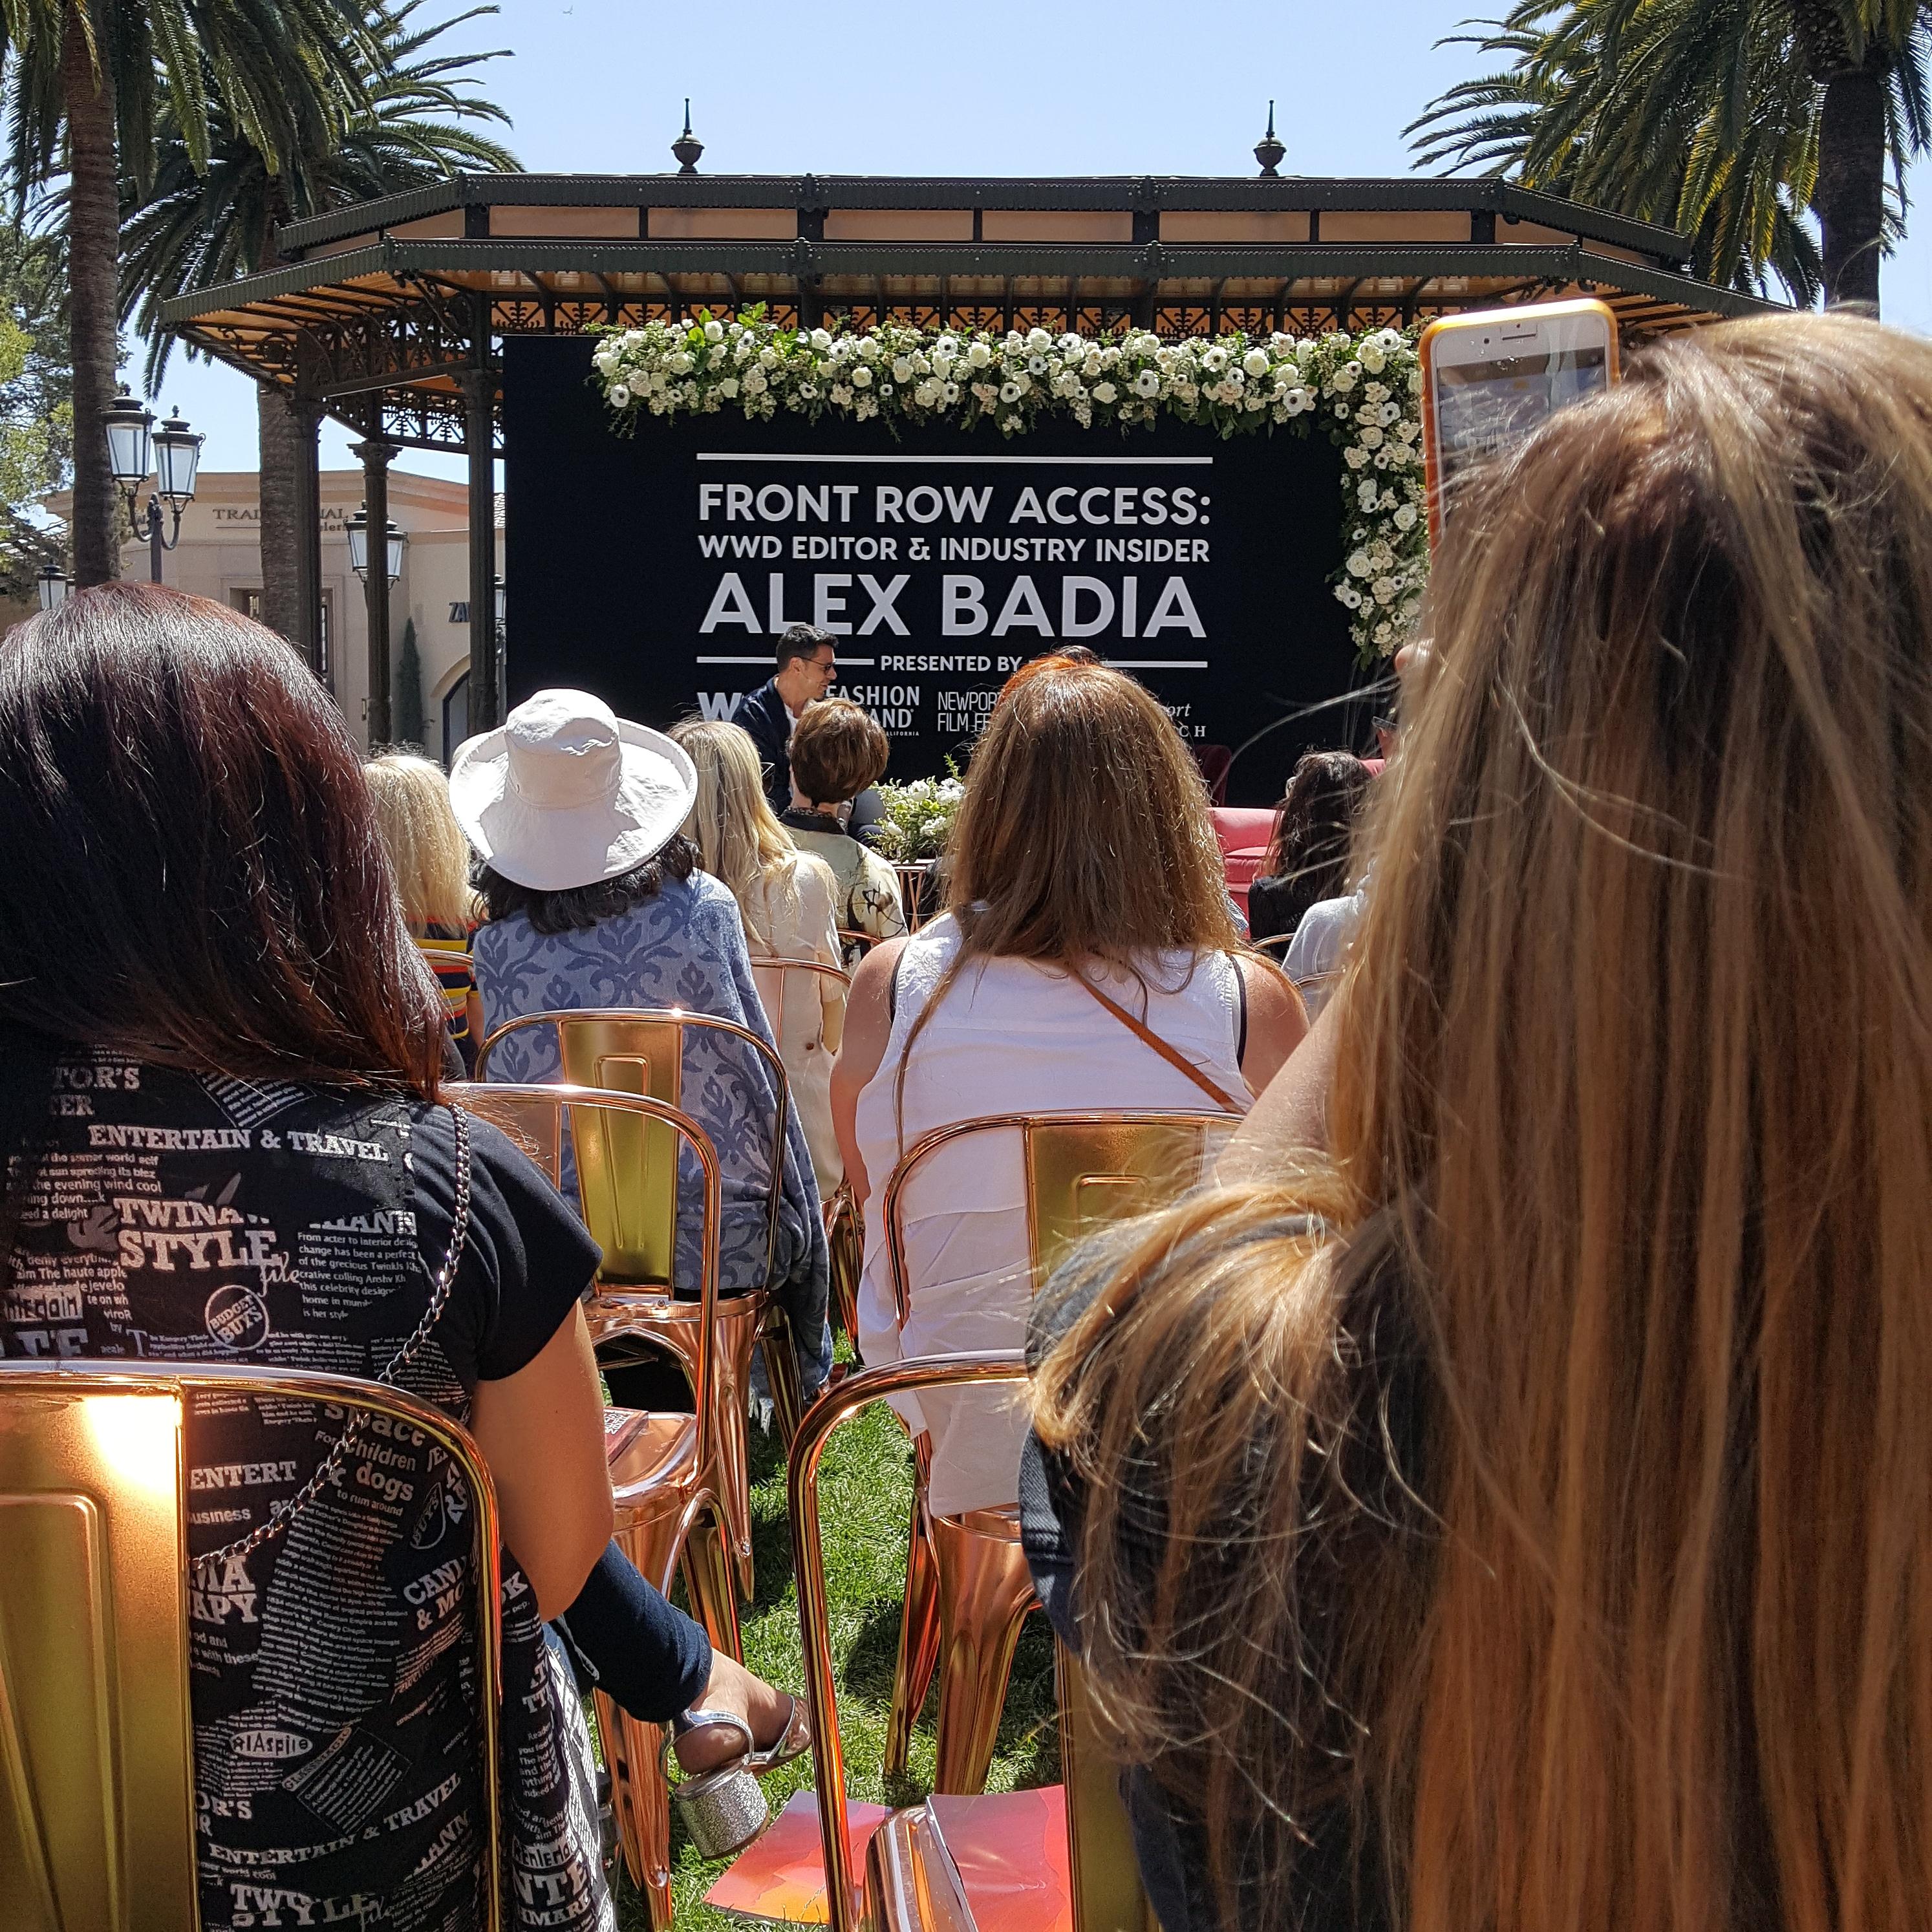 WWD Alex Badia Event